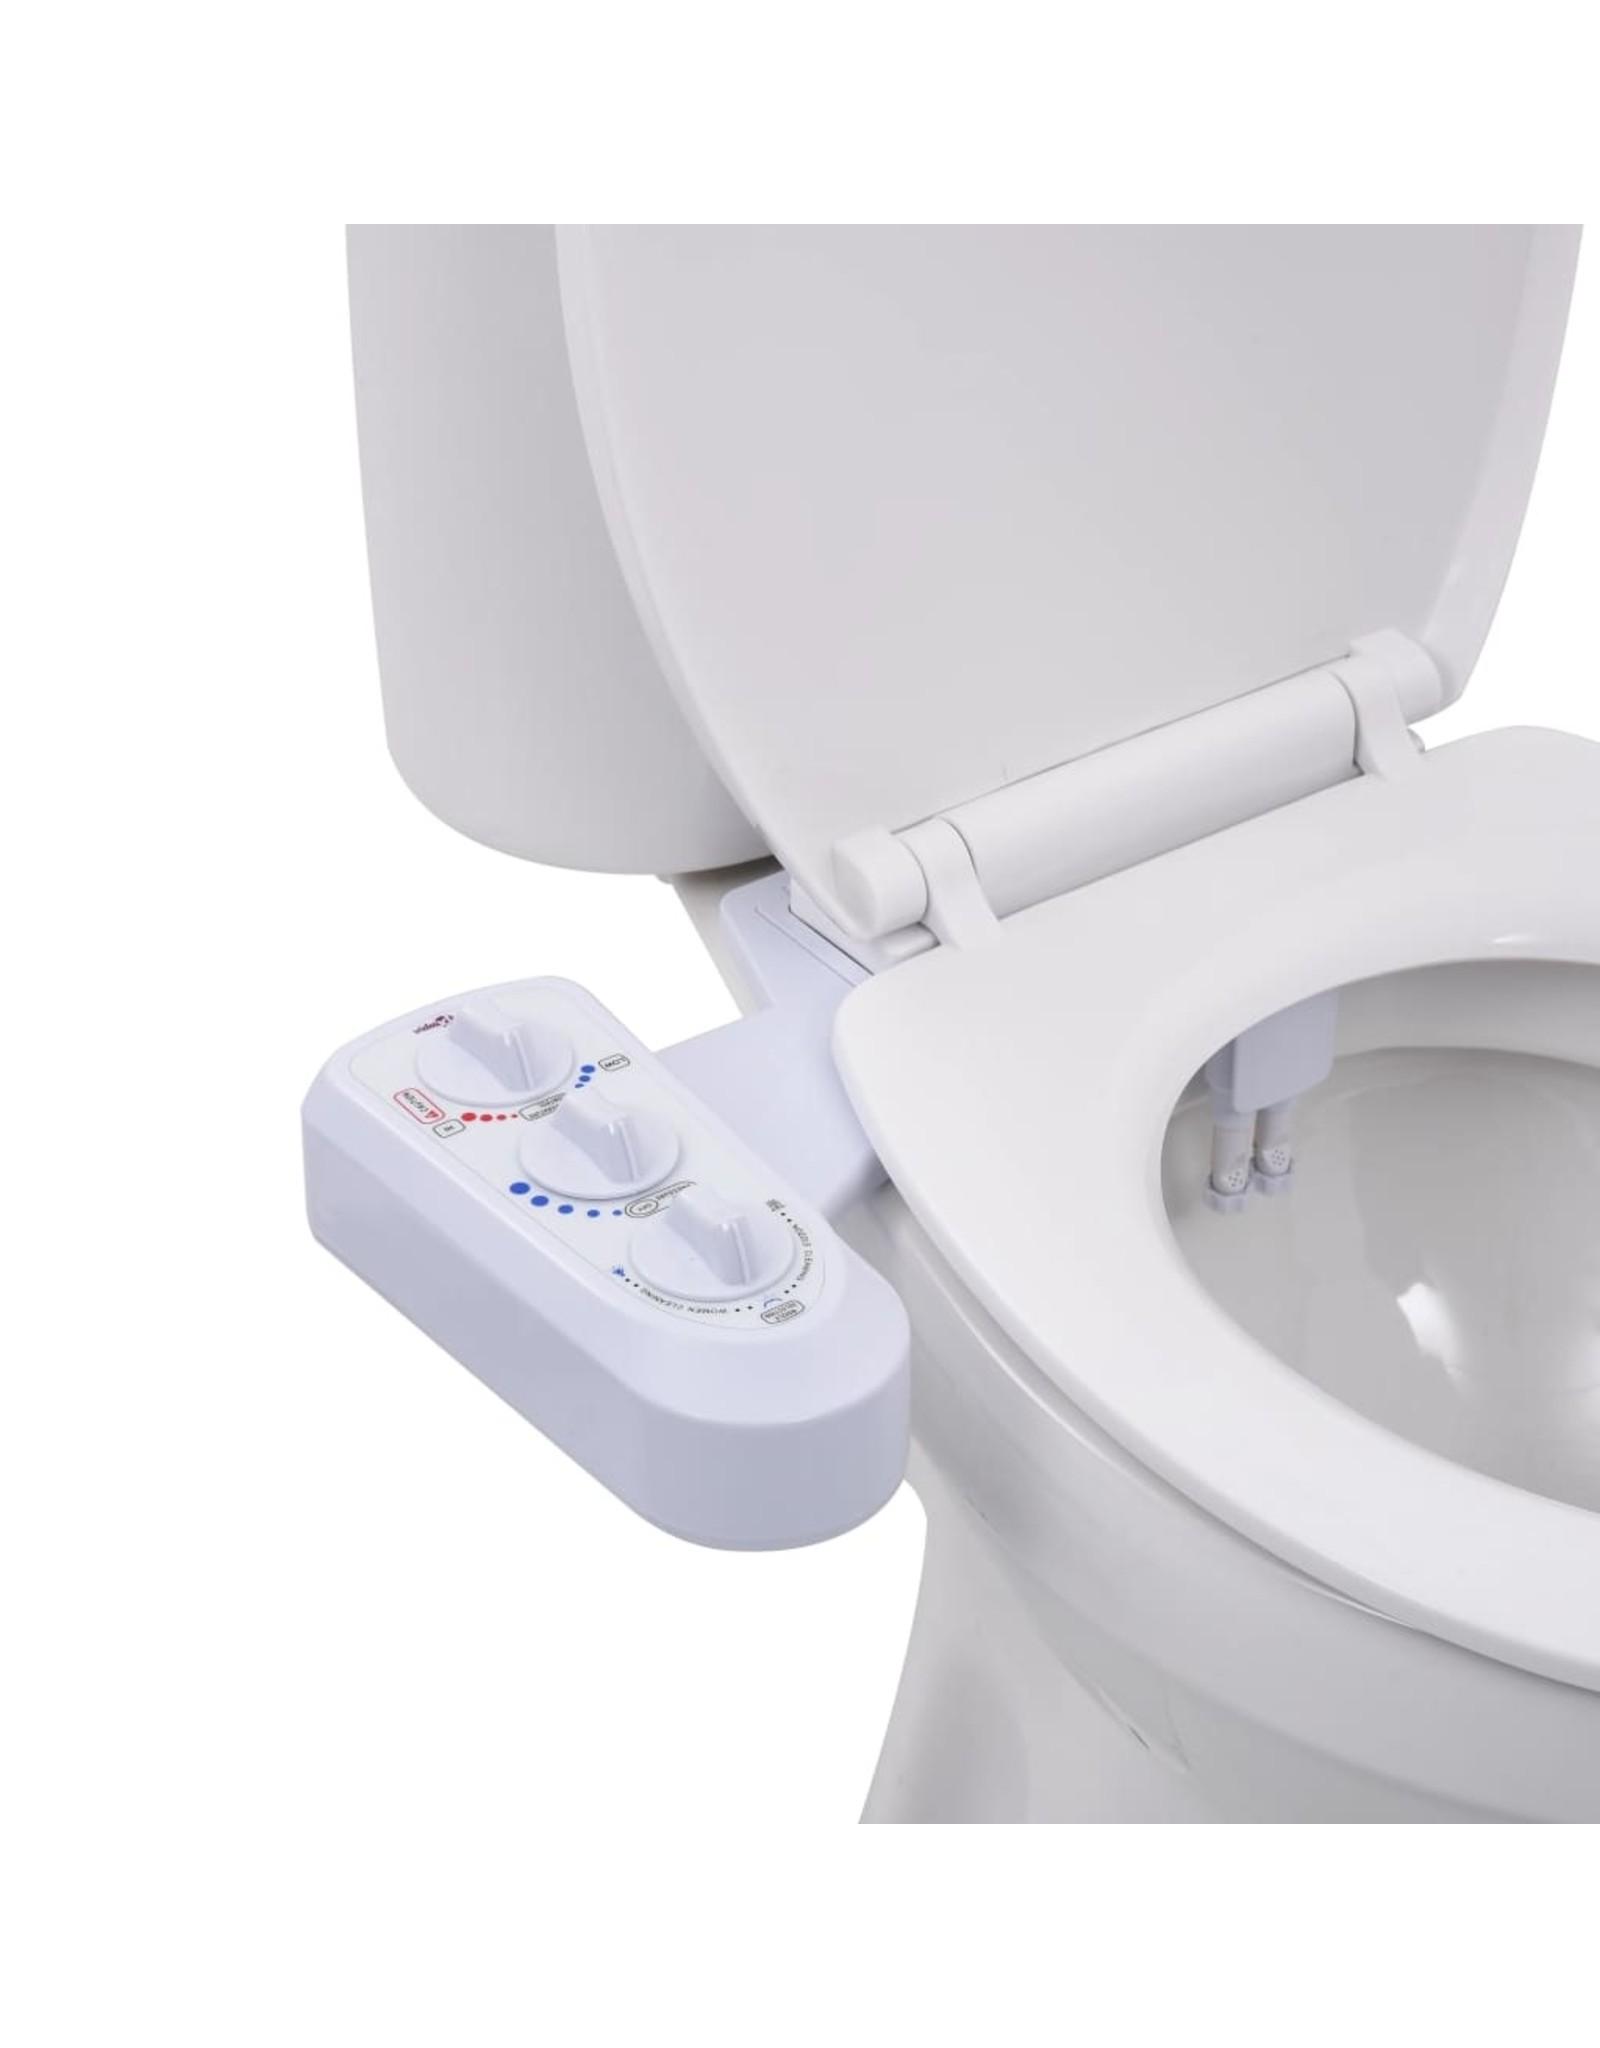 Bidetaansluiting voor toiletbril met dubbel mondstuk